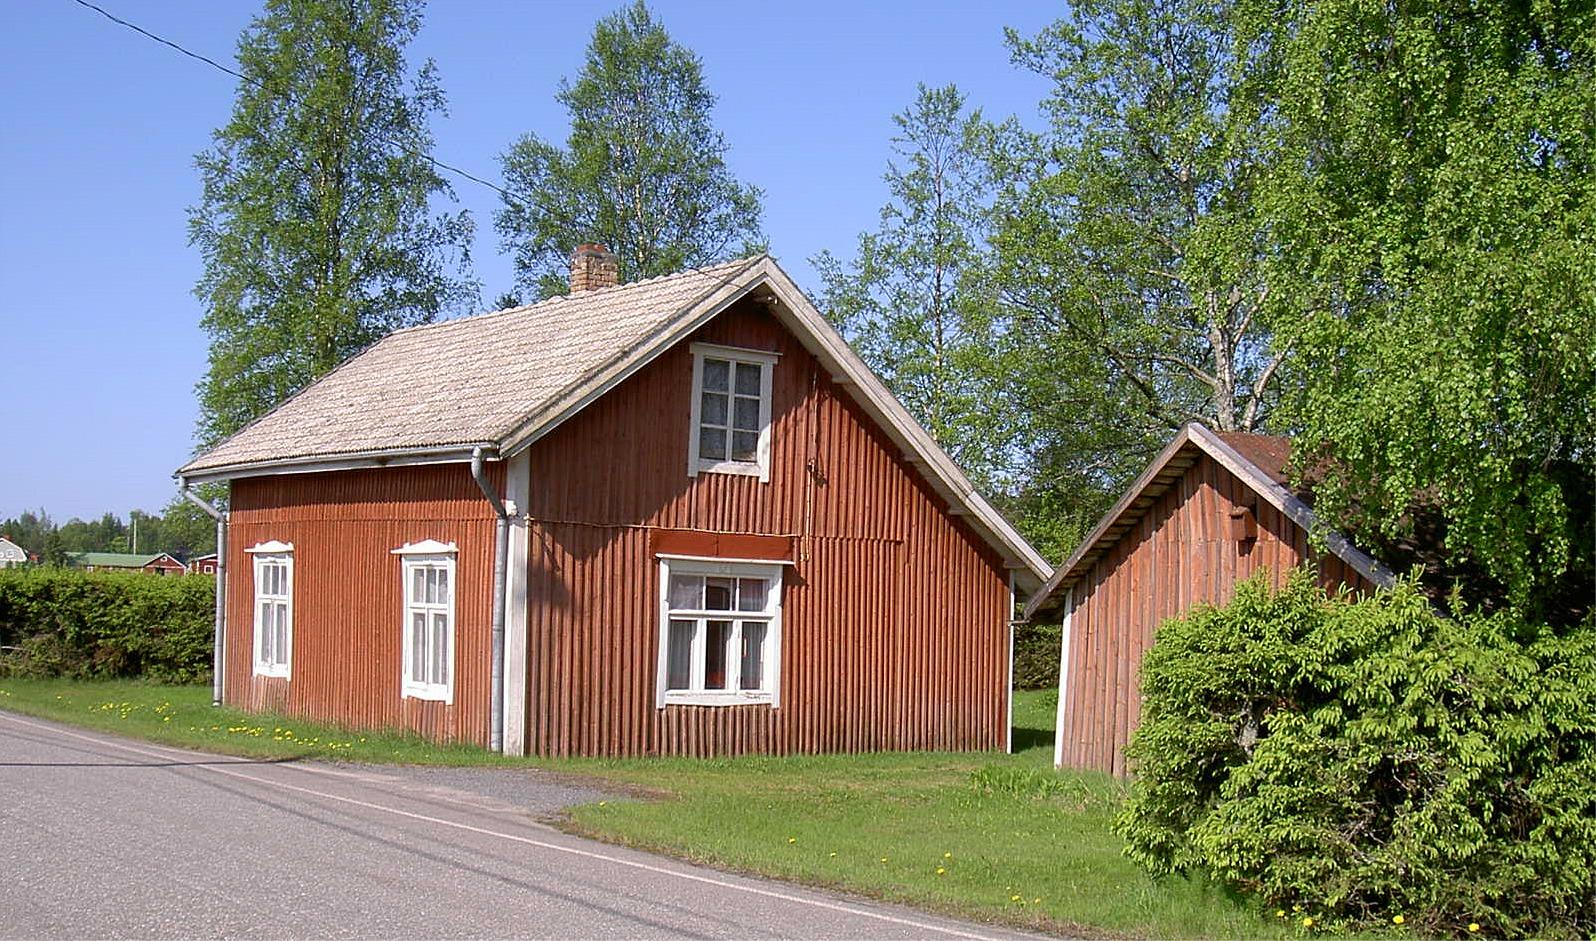 Den här stugan nära Åbackvägen byggdes på 1930-talet av skräddaren Johannes Klemets (1889-1944) och hustrun Matilda (f. Björklund i Lappfjärd 1892-1975).